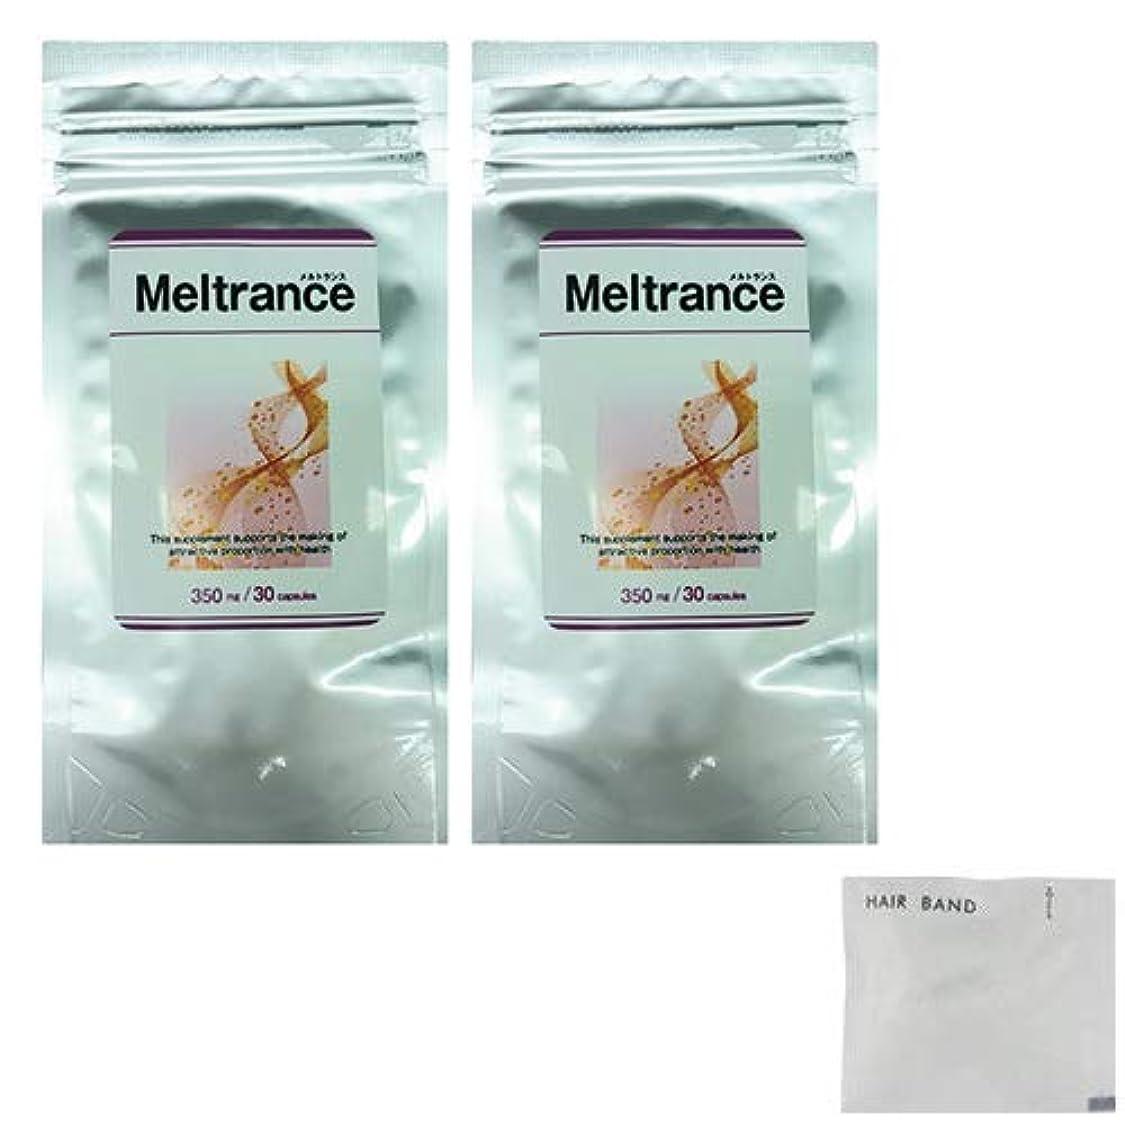 砂漠ジョージエリオット高音メルトランス(Meltrance) サプリメント 30粒×2個 + ヘアゴム(カラーはおまかせ)セット